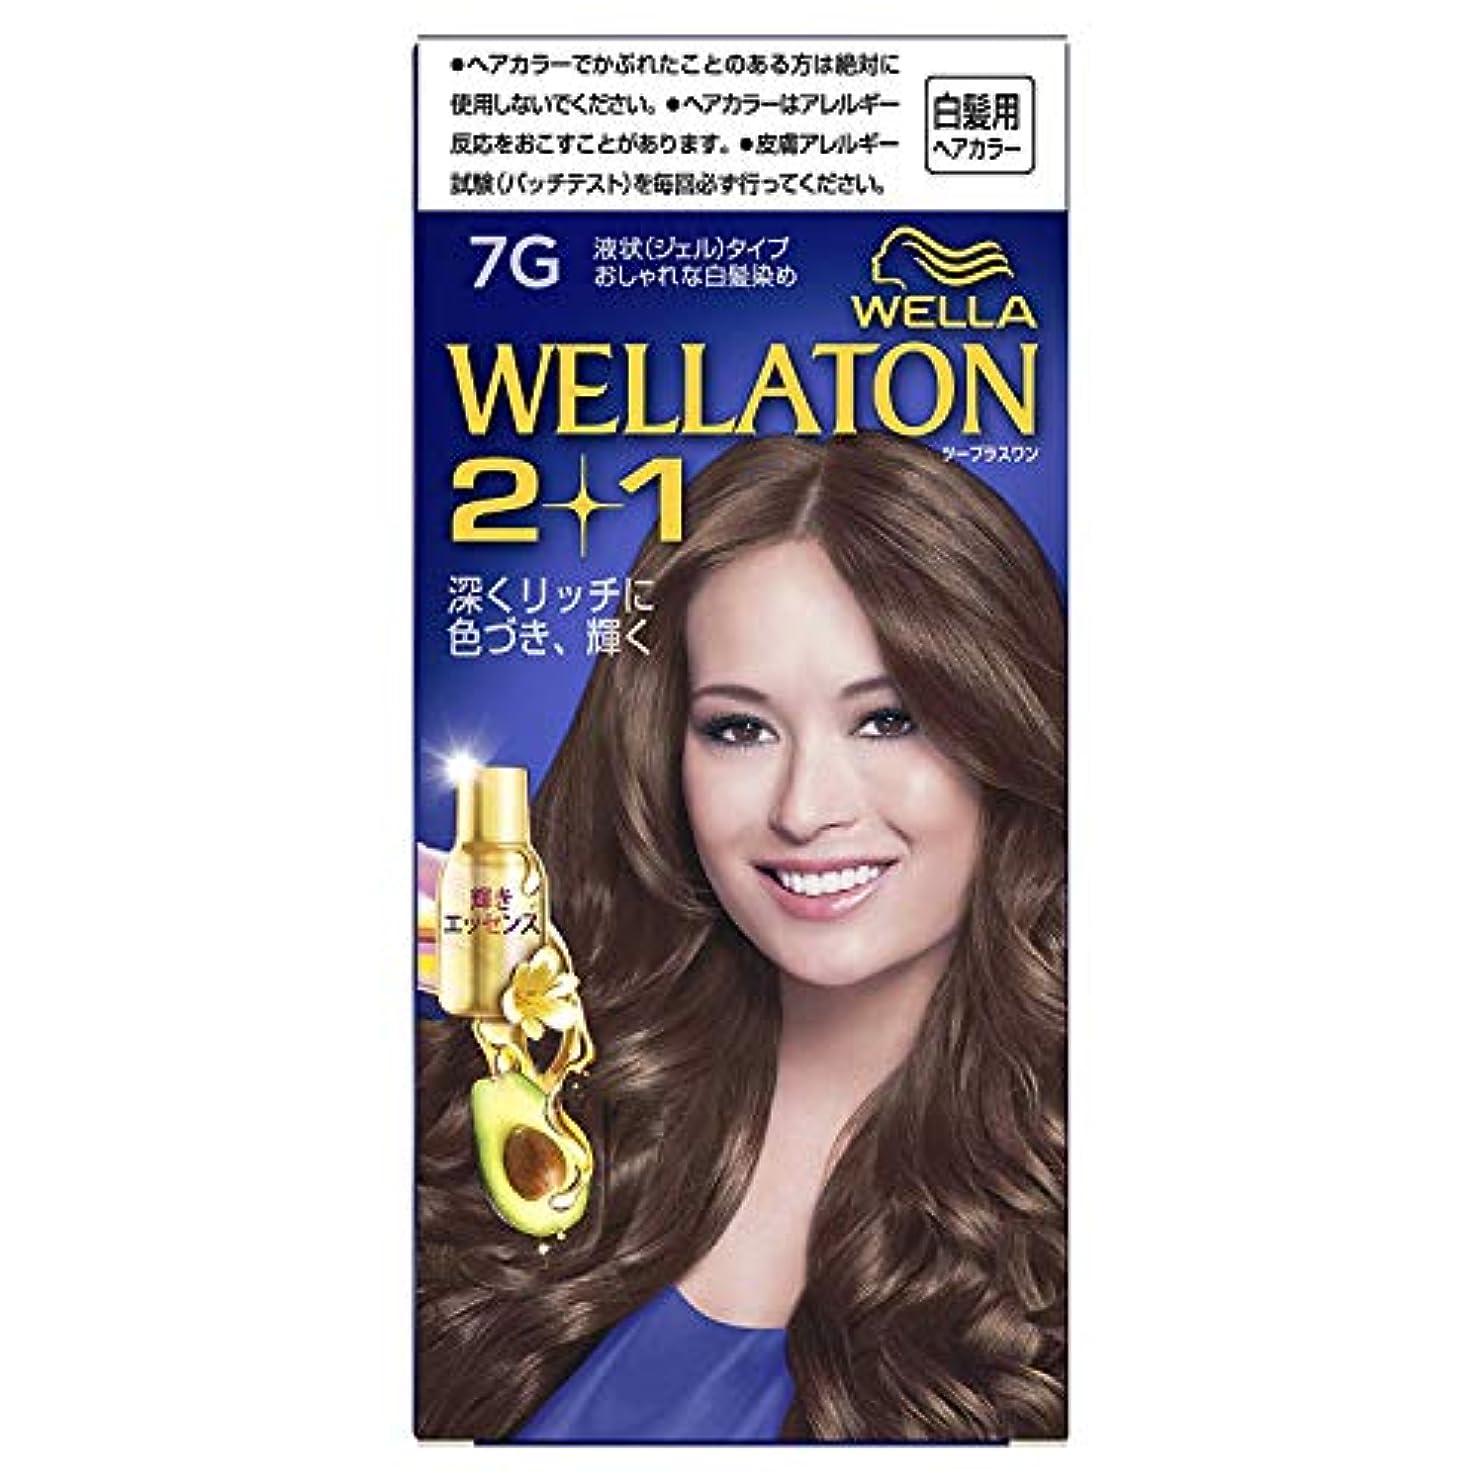 病気ブラウザ許容ウエラトーン2+1 白髪染め 液状タイプ 7G [医薬部外品] ×3個